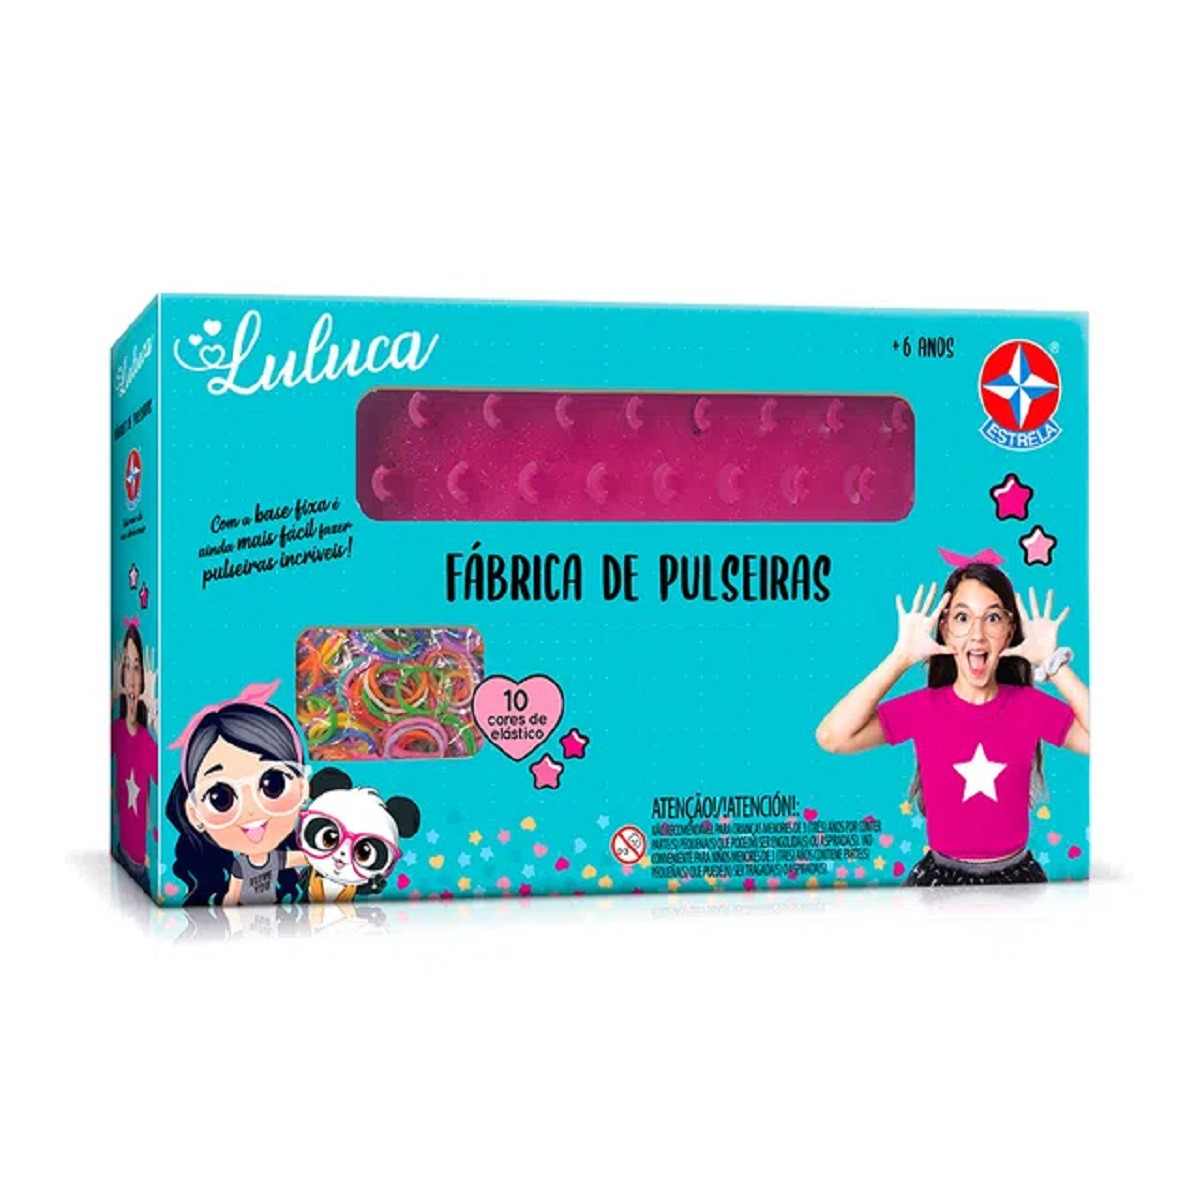 Brinquedo Fábrica De Pulseiras Da Luluca Pandinha - Estrela